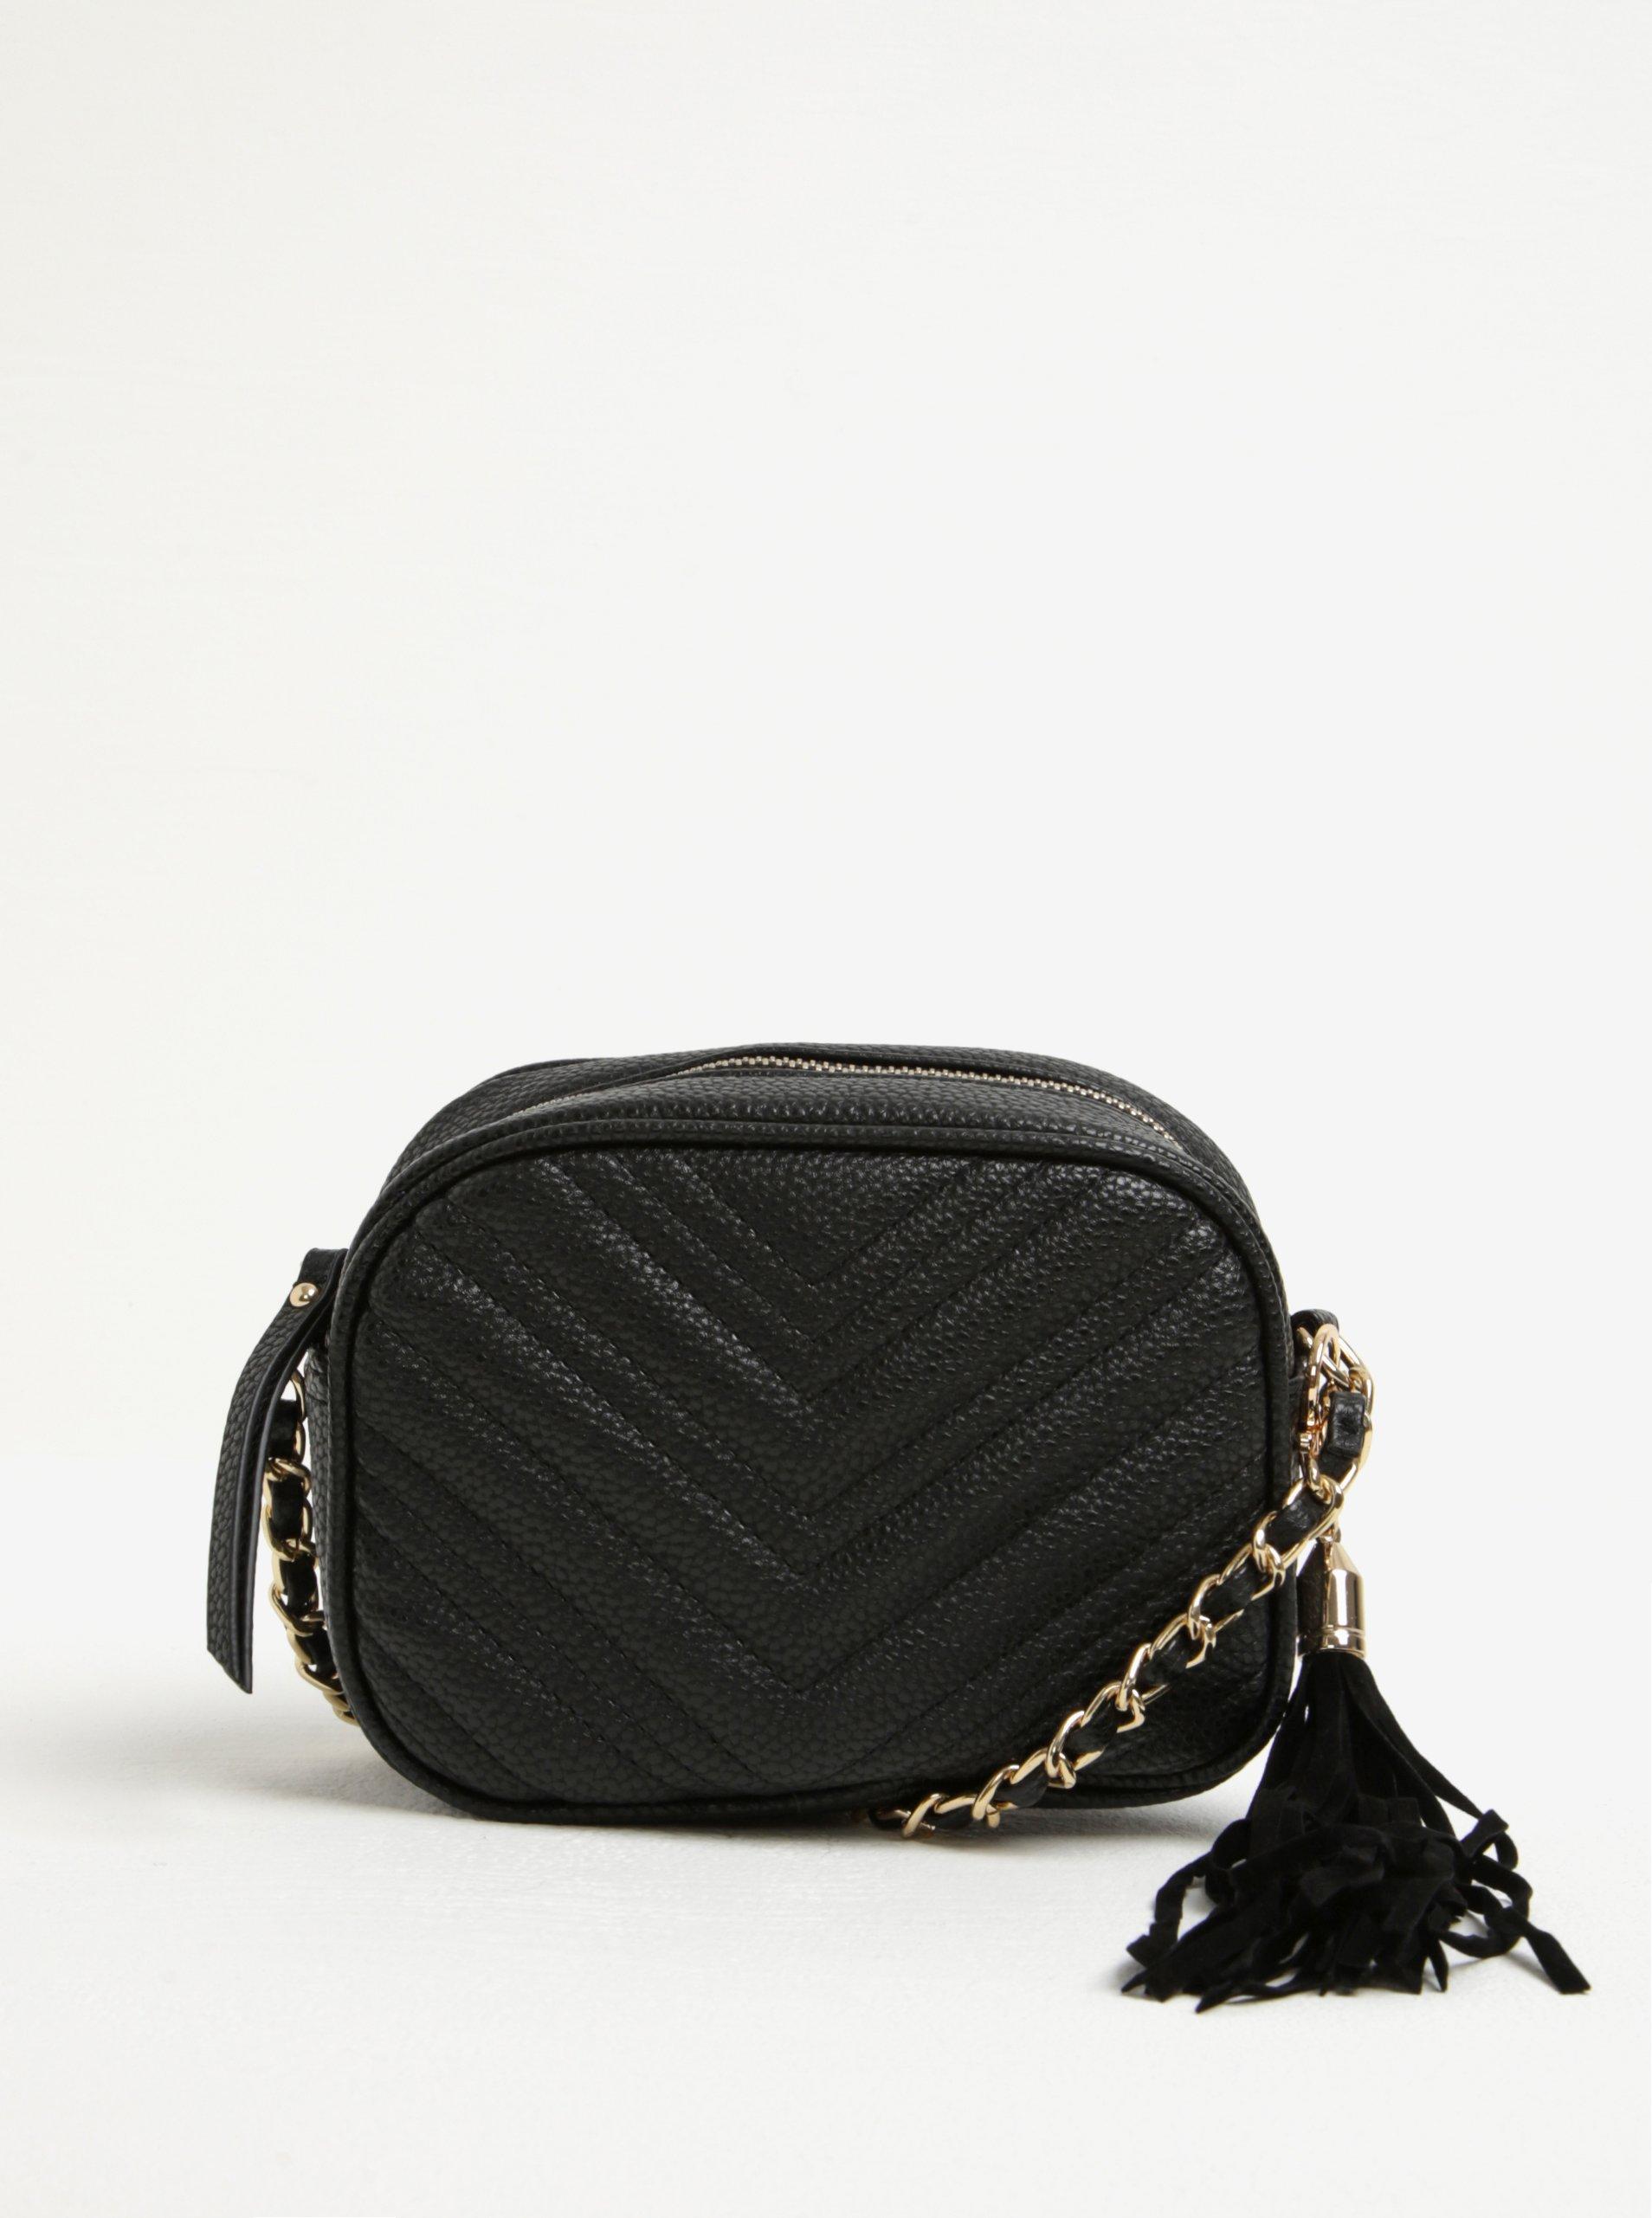 859d3102e9 Čierna malá prešívaná crossbody kabelka so strapcom Miss Selfridge ...